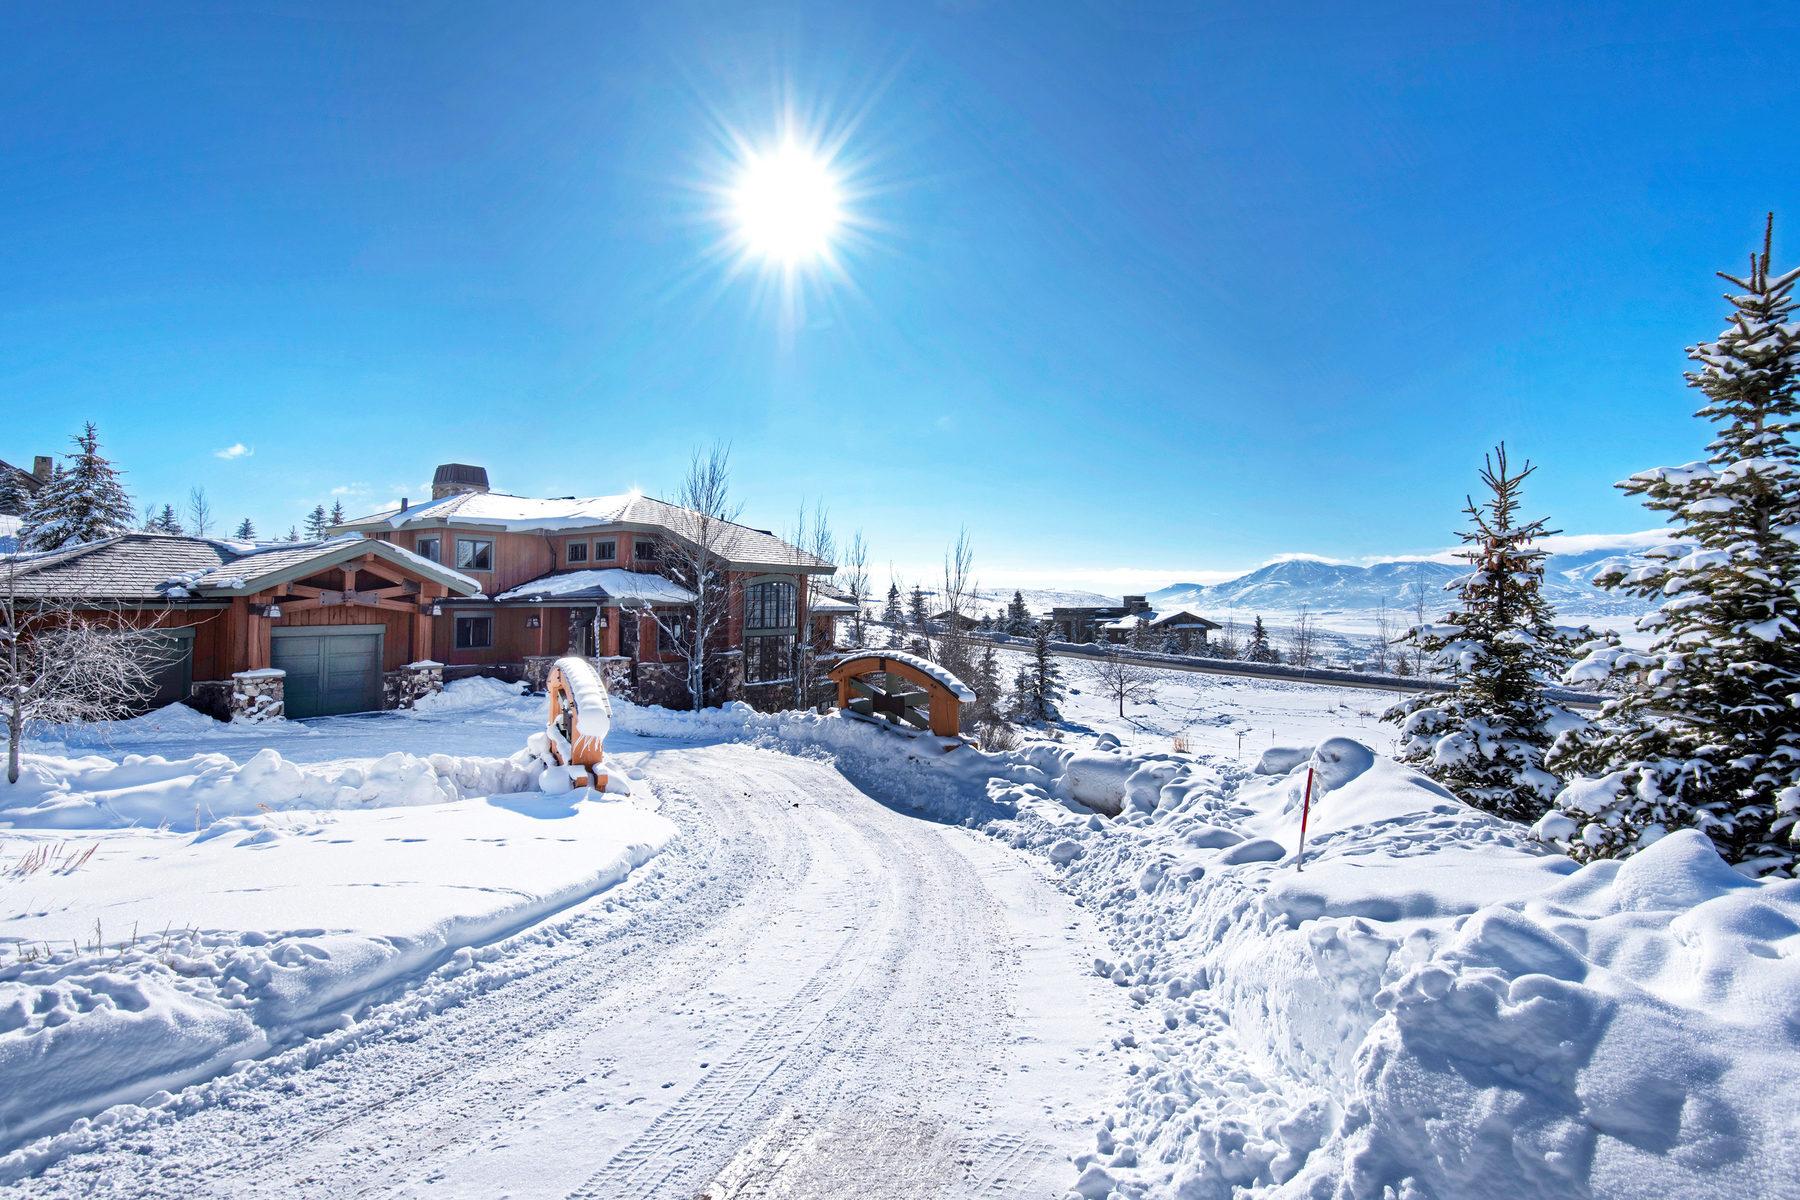 独户住宅 为 销售 在 Charming European Craftsman 8080 N West Hills Trl 帕克城, 犹他州, 84098 美国